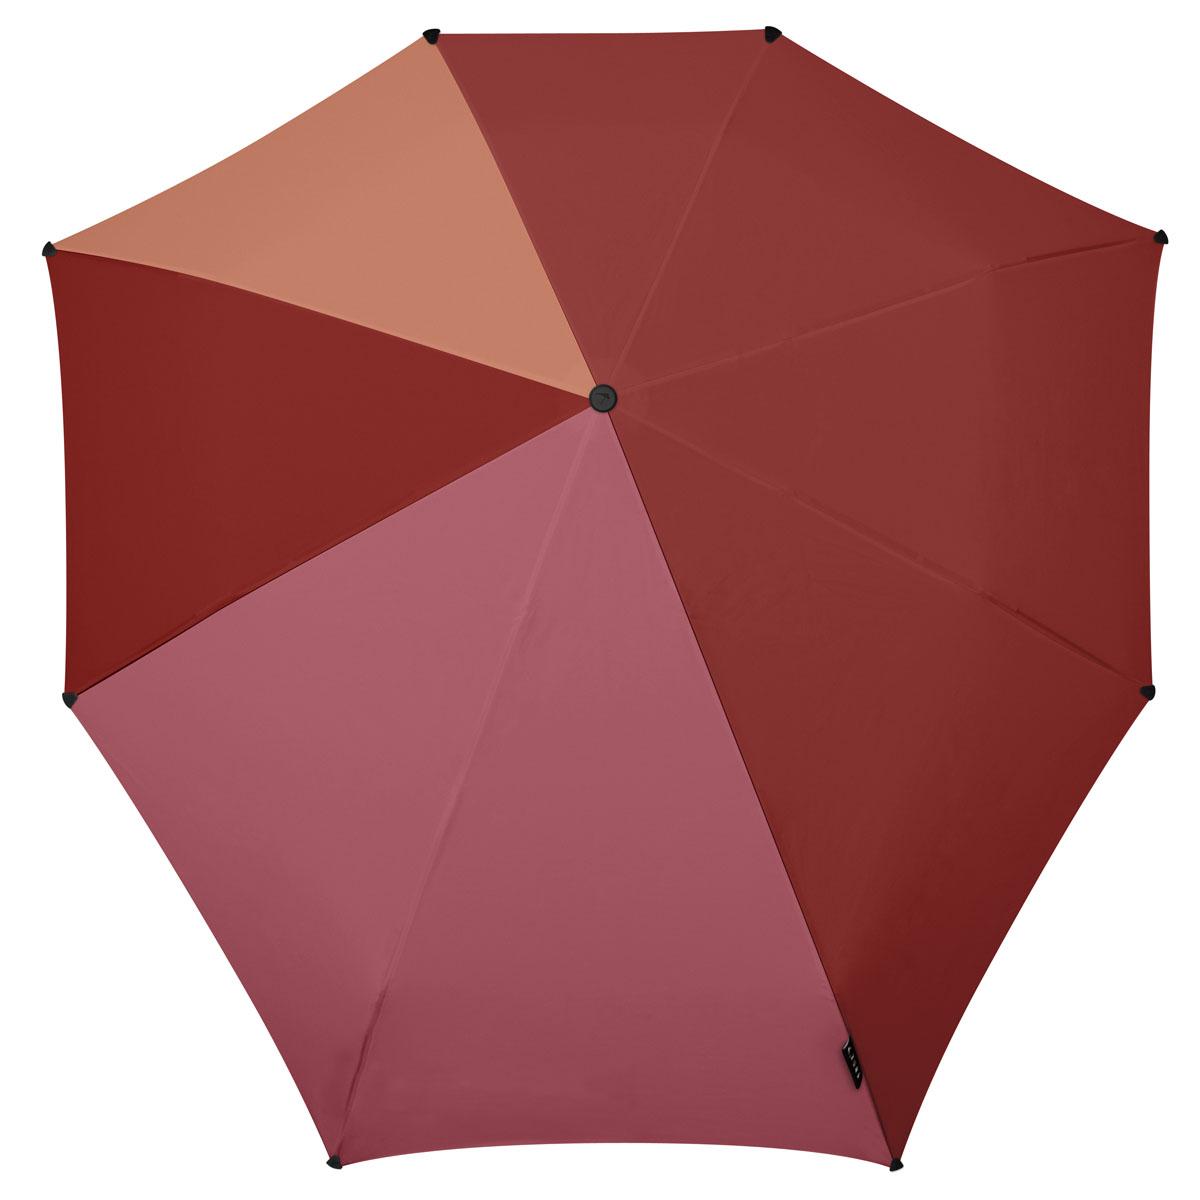 Зонт Senz, цвет: мультиколор. 10210541021054Инновационный противоштормовый зонт, выдерживающий любую непогоду. Входит в коллекцию global playground, разработанную в соответствии с современными течениями fashion-индустрии. Вдохновением для дизайнеров стали улицы городов по всему земному шару. На новых принтах вы встретите уникальный микс всего, что мы открываем для себя во время путешествий: разнообразие оттенков, цветов, теней, линий и форм. Зонт Senz отлично дополнит образ, подчеркнет индивидуальность и вкус своего обладателя. Легкий, компактный и прочный,он открывается и закрывается нажатием на кнопку. Закрывает спину от дождя, а благодаря своей усовершенствованной конструкции, зонт не выворачивается наизнанку даже при сильном ветре. Модель Senz automatic выдержала испытания в аэротрубе со скоростью ветра 80 км/ч. - тип — автомат - три сложения - выдерживает порывы ветра до 80 км/ч - УФ-защита 50+ - эргономичная ручка - безопасные колпачки на кончиках спиц - в комплекте...